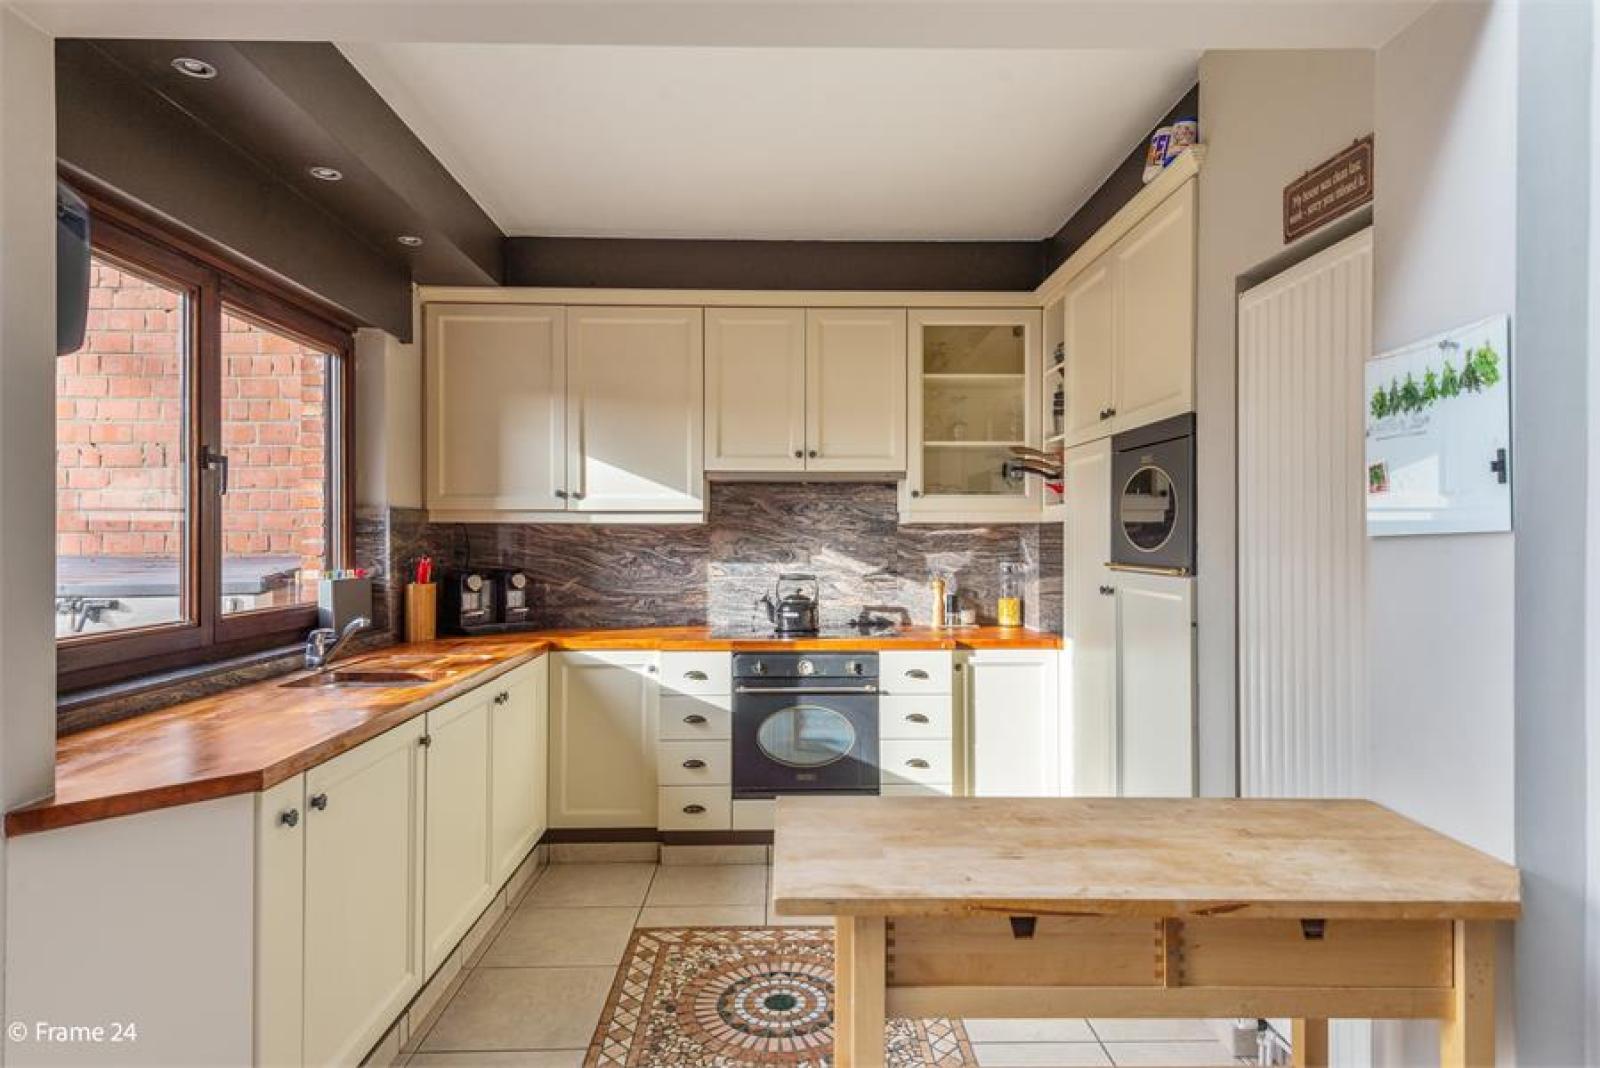 Verzorgde bel-étage met 3 slaapkamers, tuin en garage nabij centrum Wijnegem gelegen. afbeelding 11